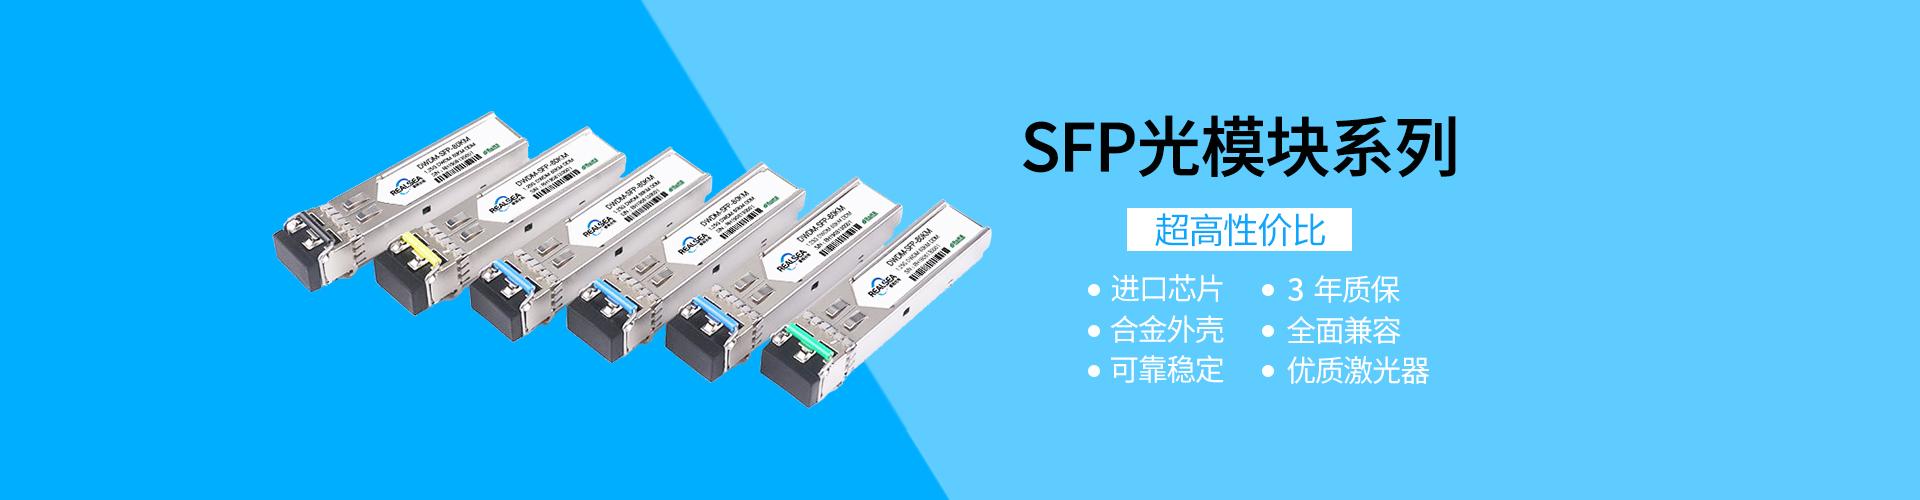 SFP光模块宣传图